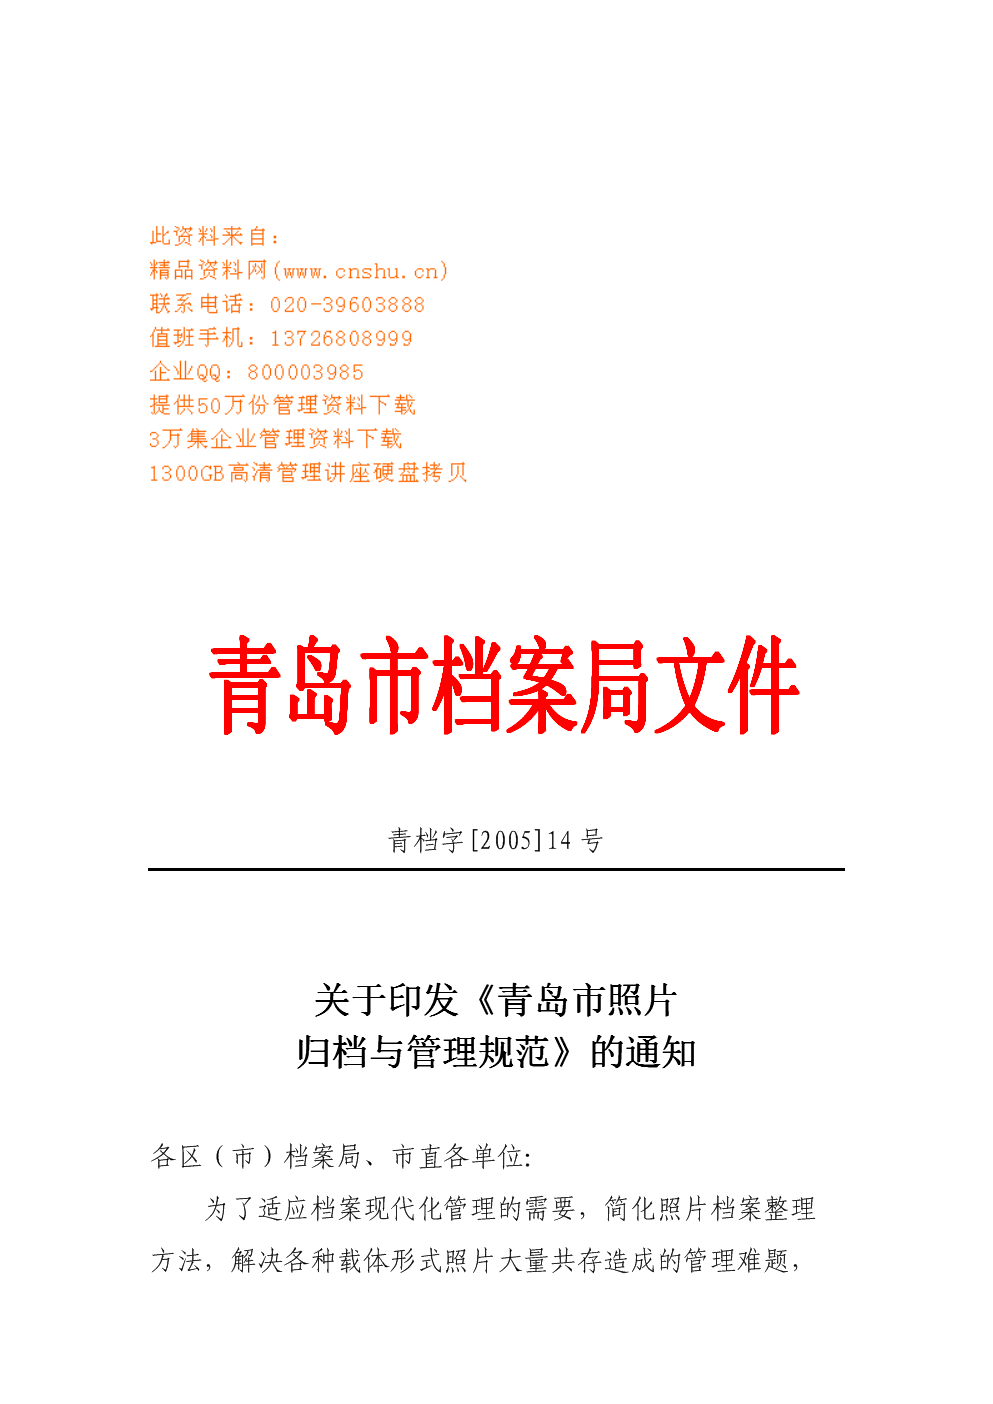 青岛市照片归档管理规范.docx